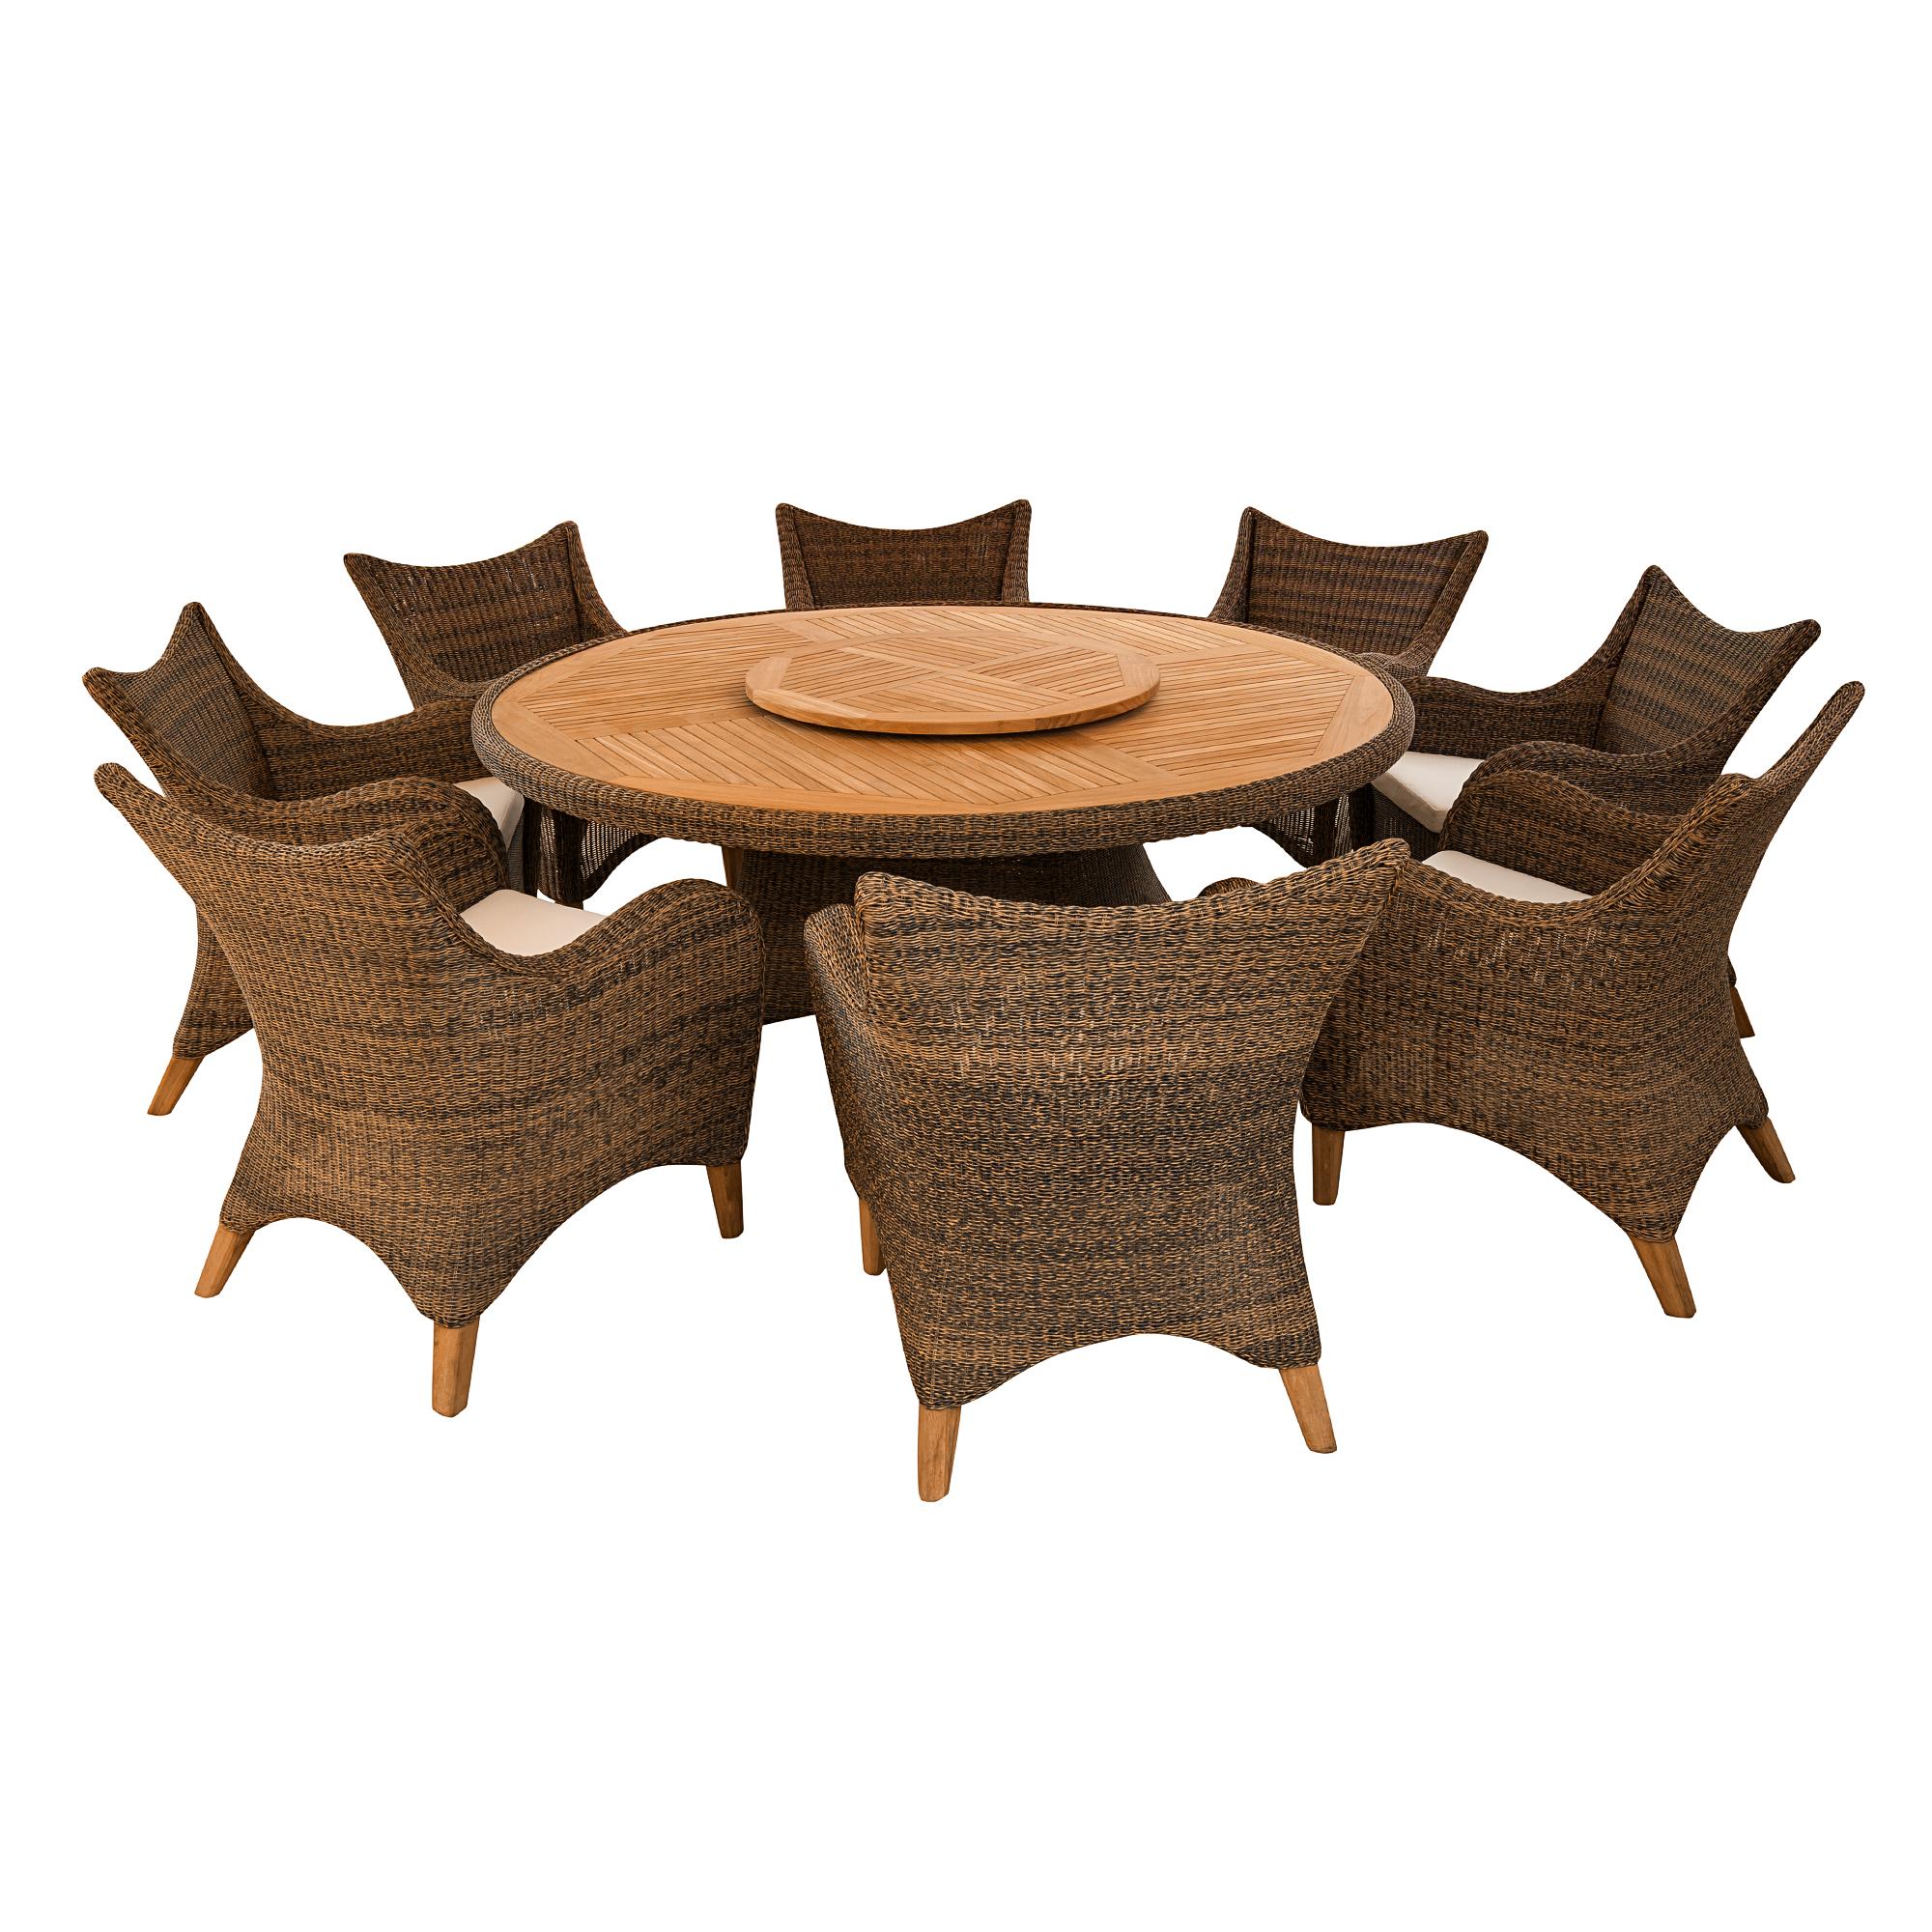 Комплект мебели Puriartha Mezzaluna 9 предметов (T-500/C-500/A-100) фото